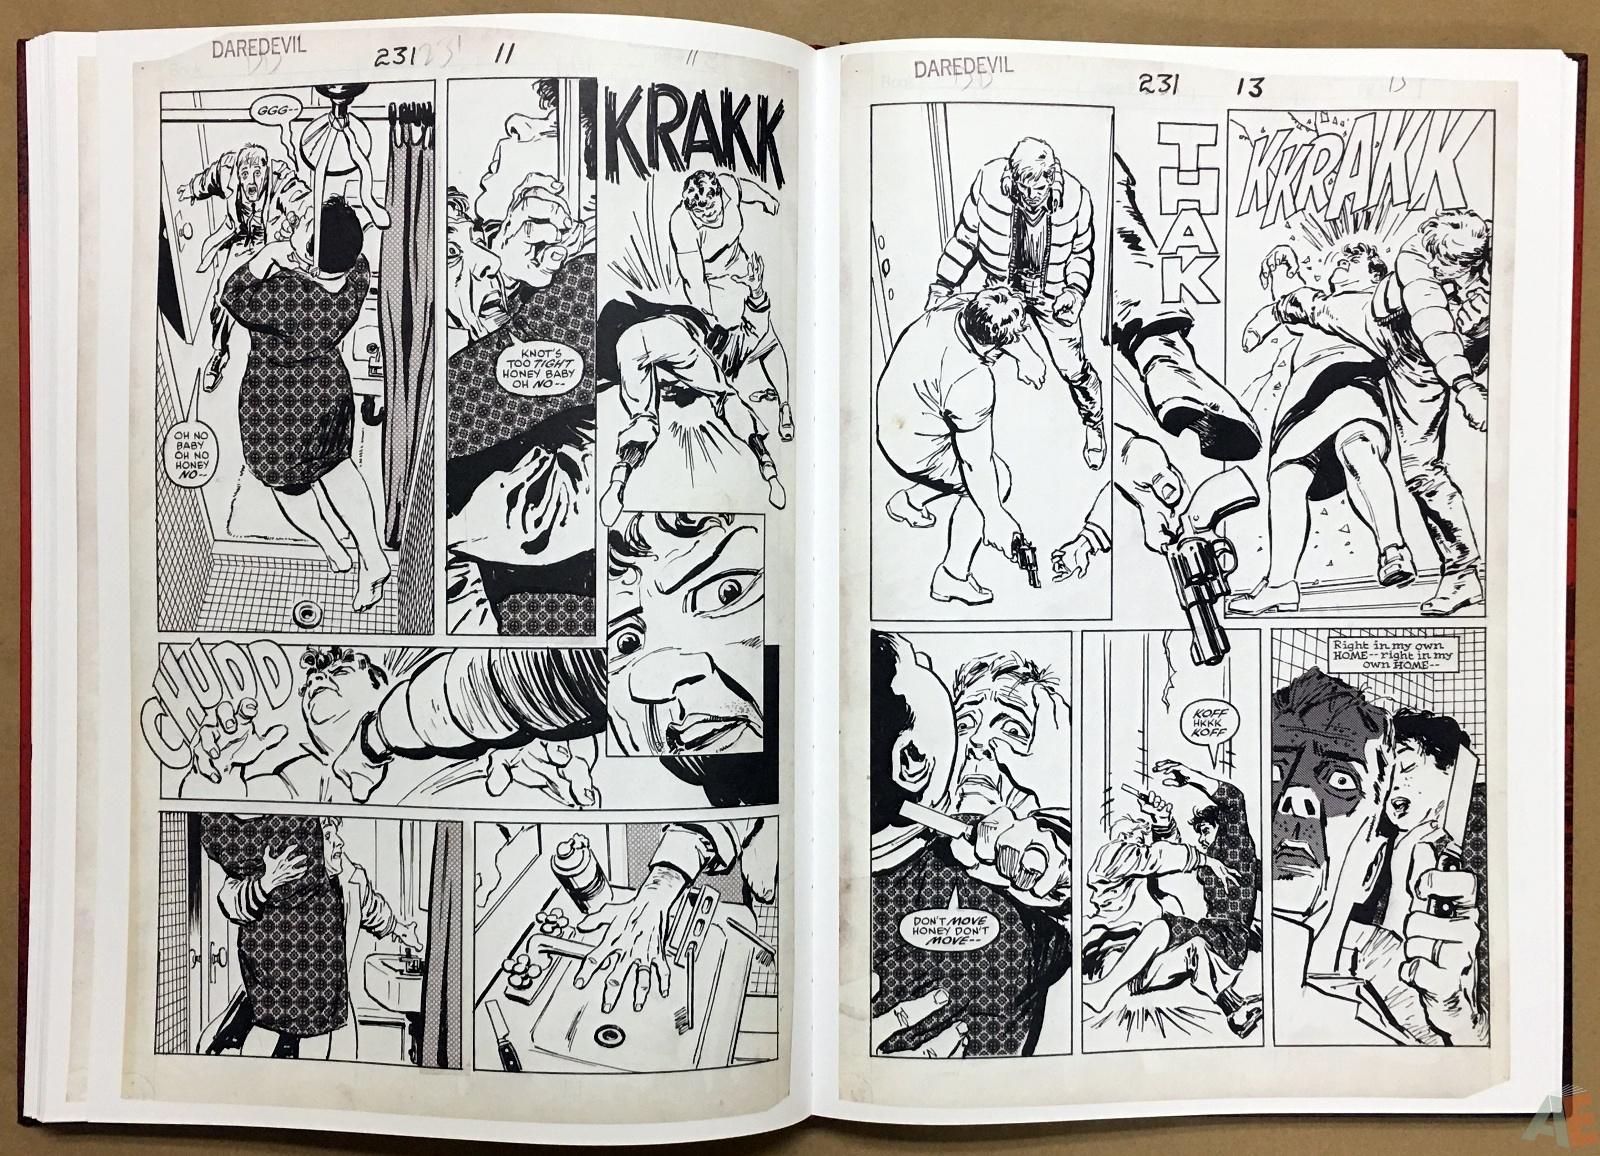 David Mazzucchelli's Daredevil Born Again: Artist's Edition 32